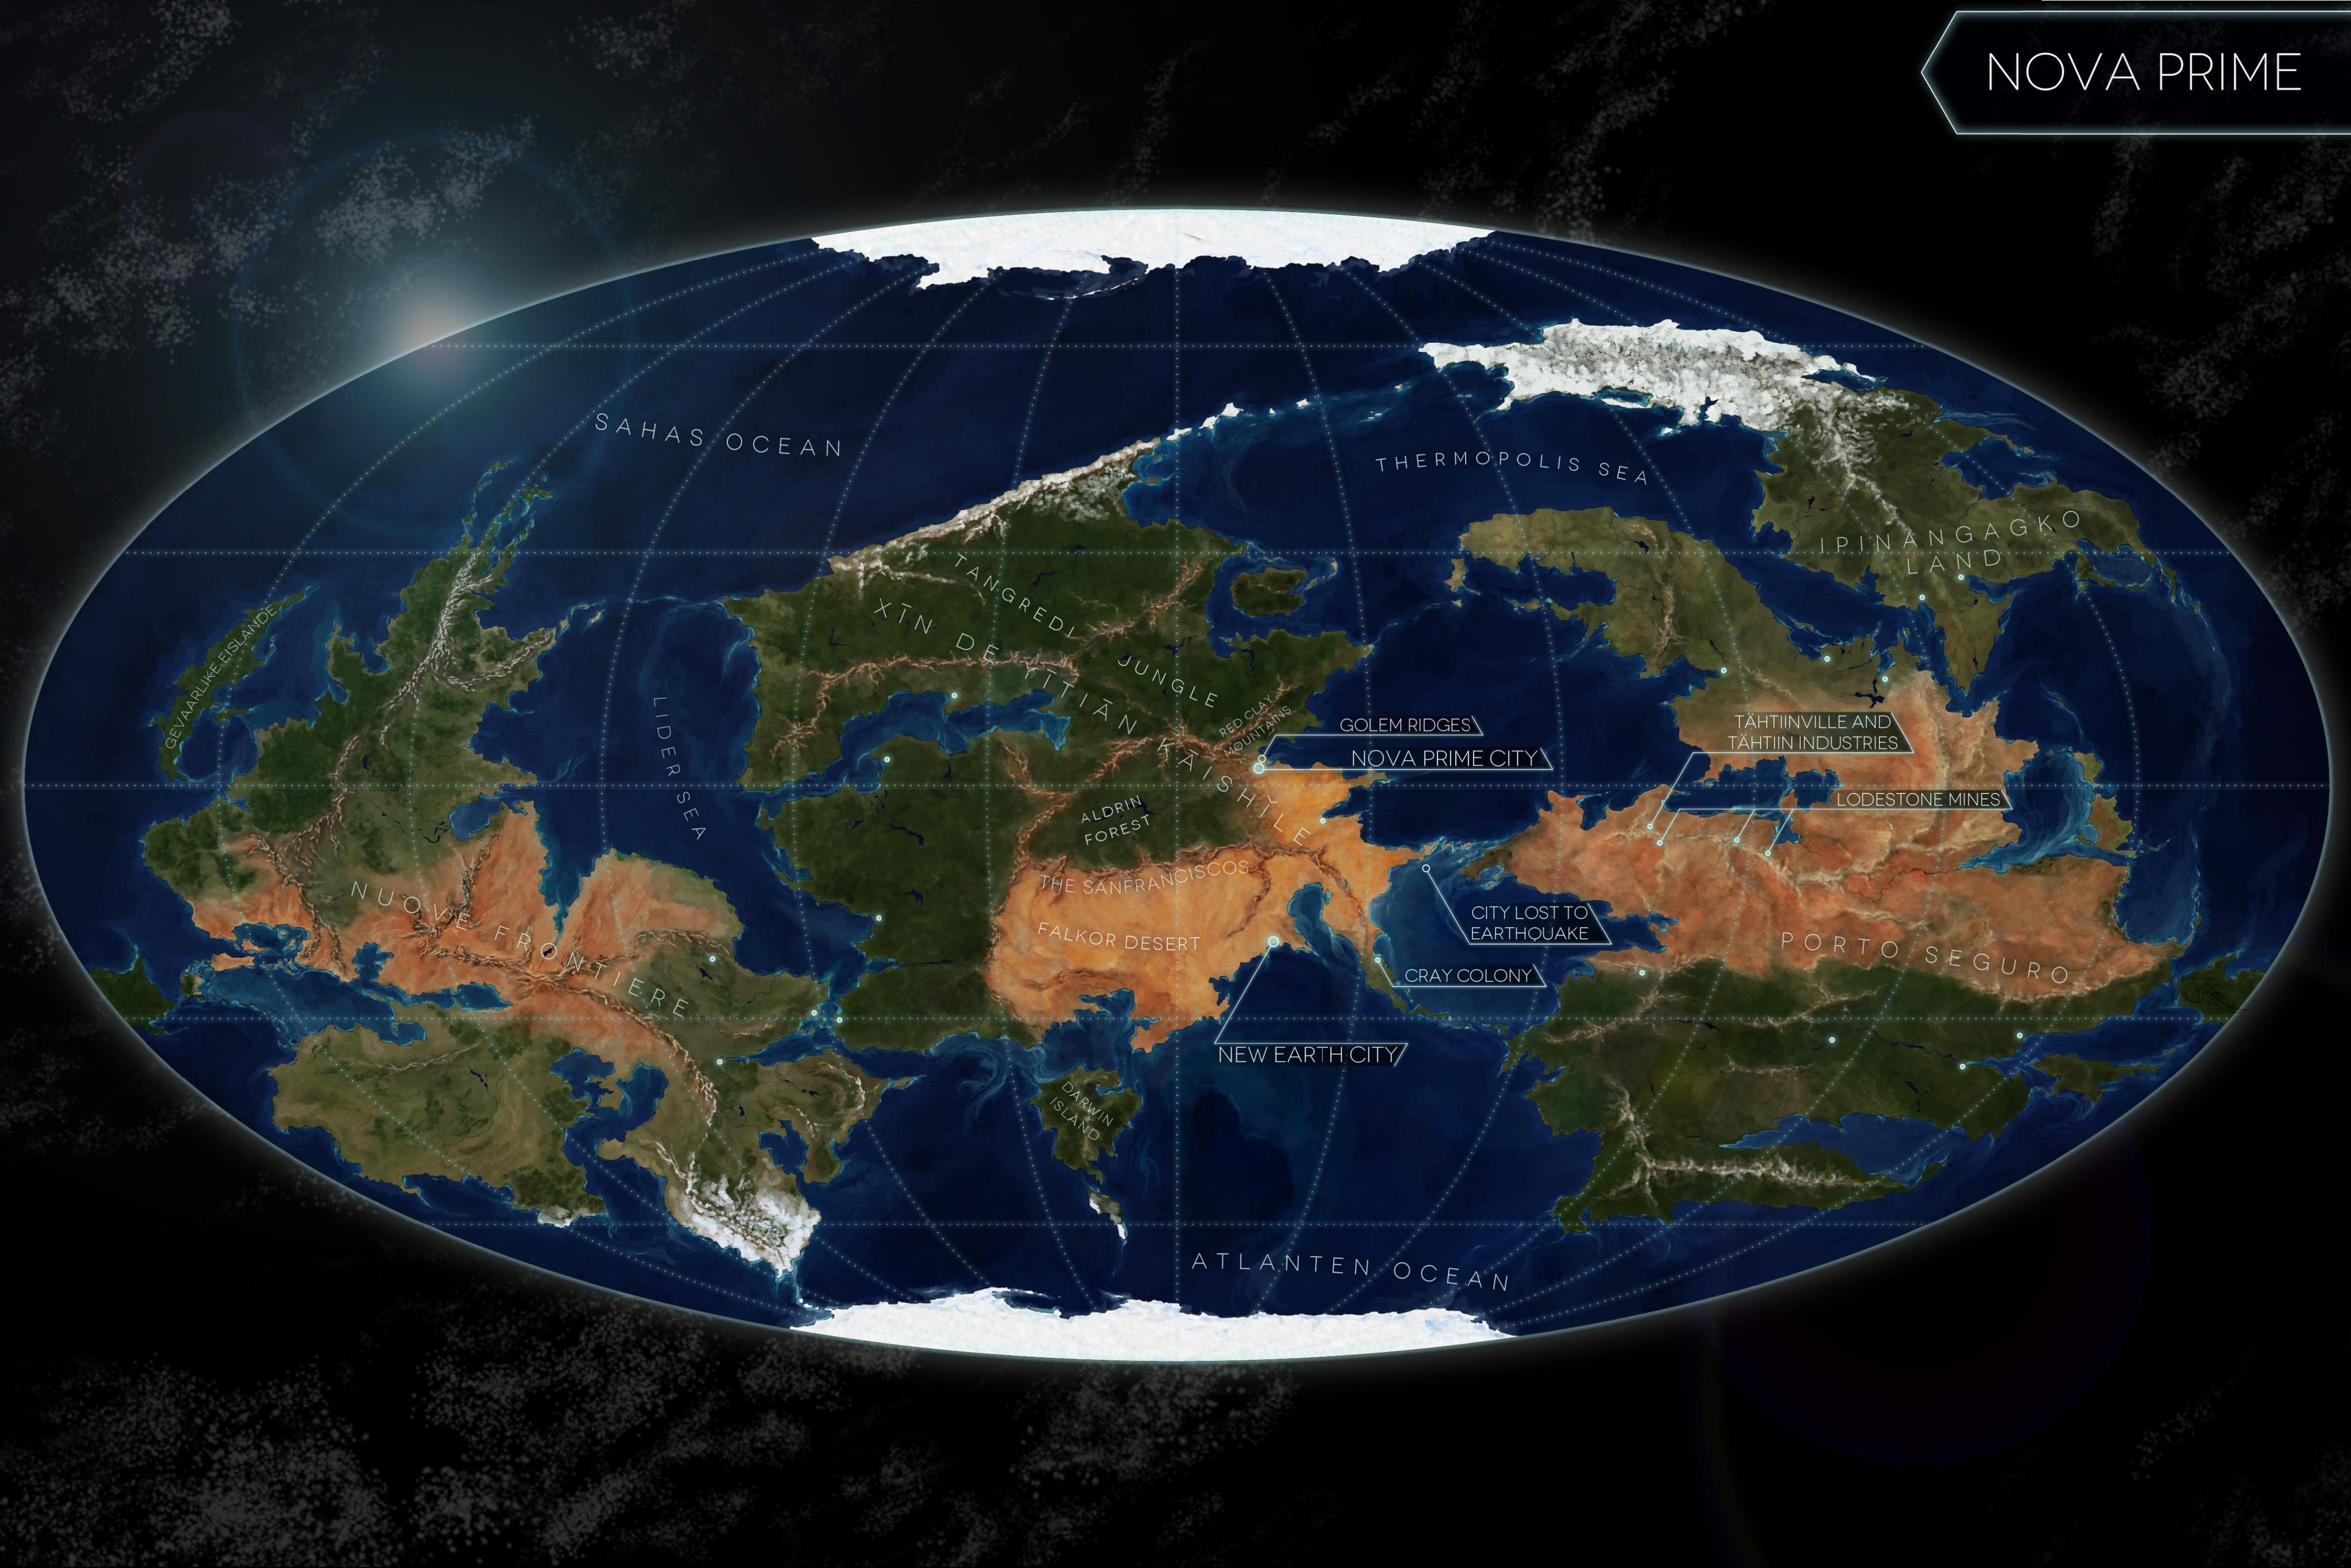 Nova Prime | After Earth Wiki | FANDOM powered by Wikia